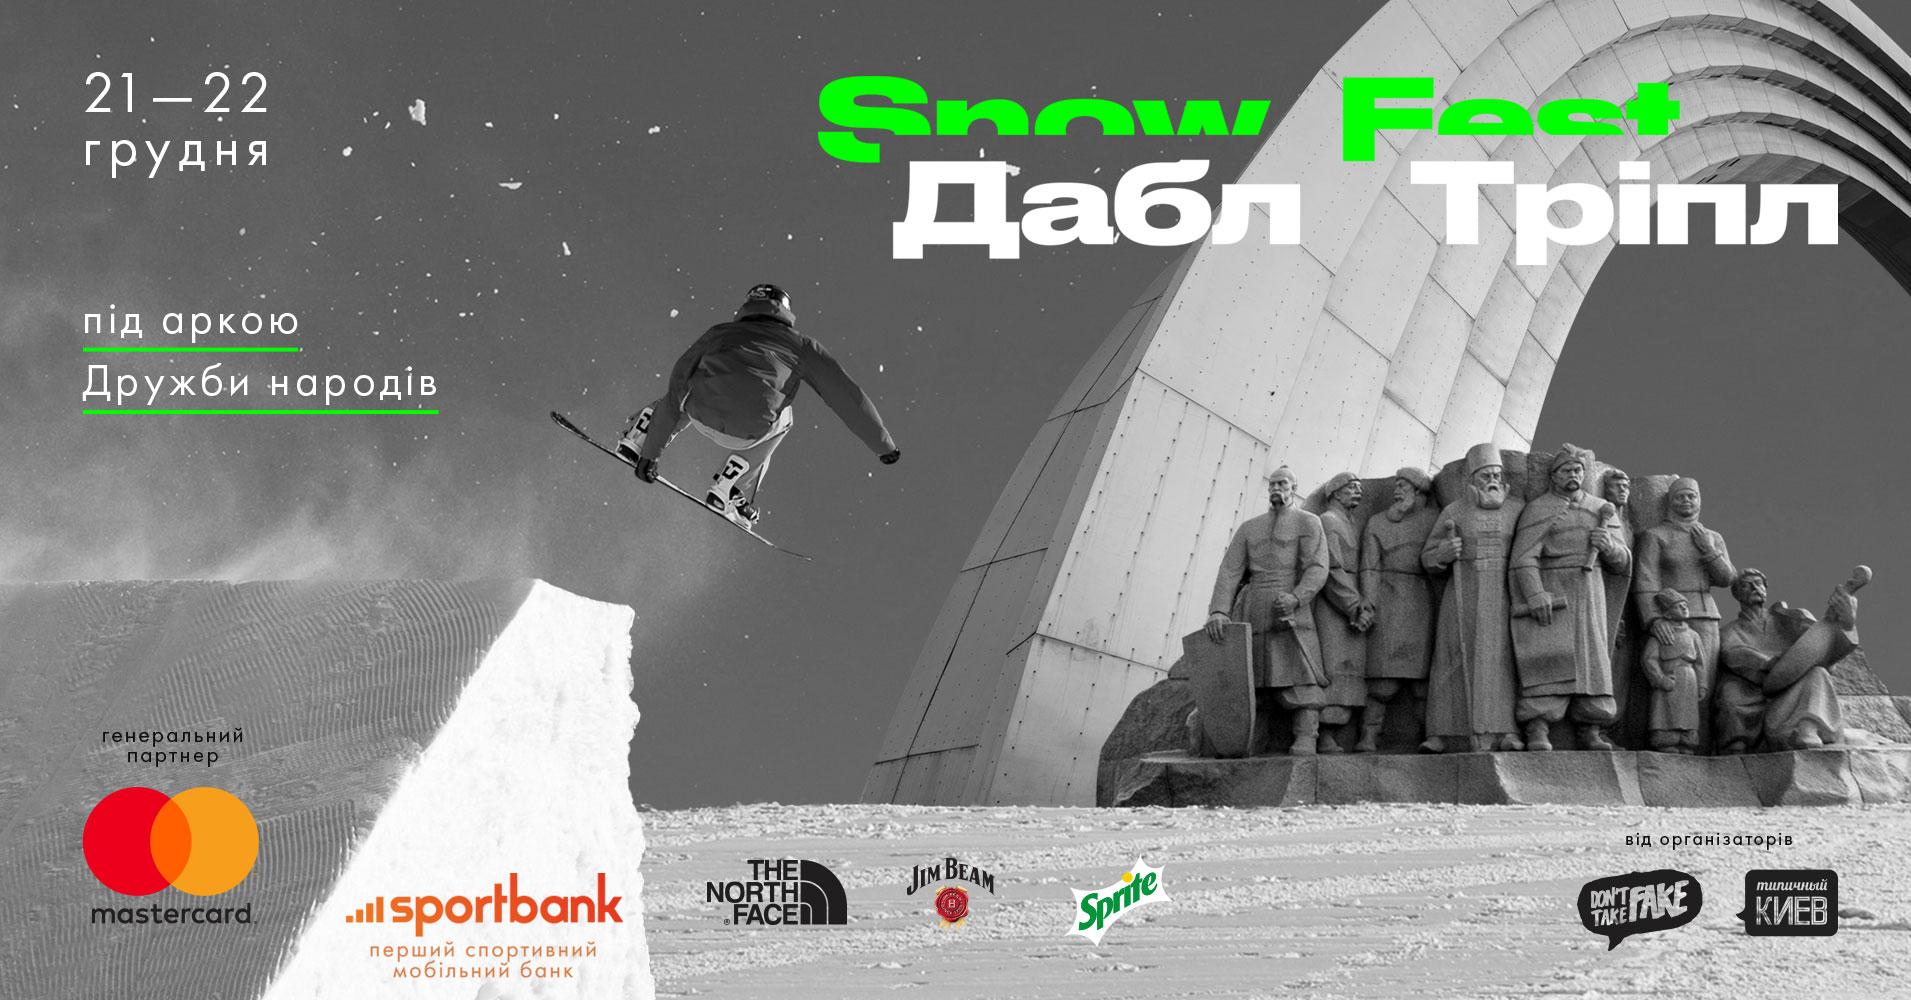 У рамках ГБ відбувся фестиваль Дабл Тріпл Snow Fest